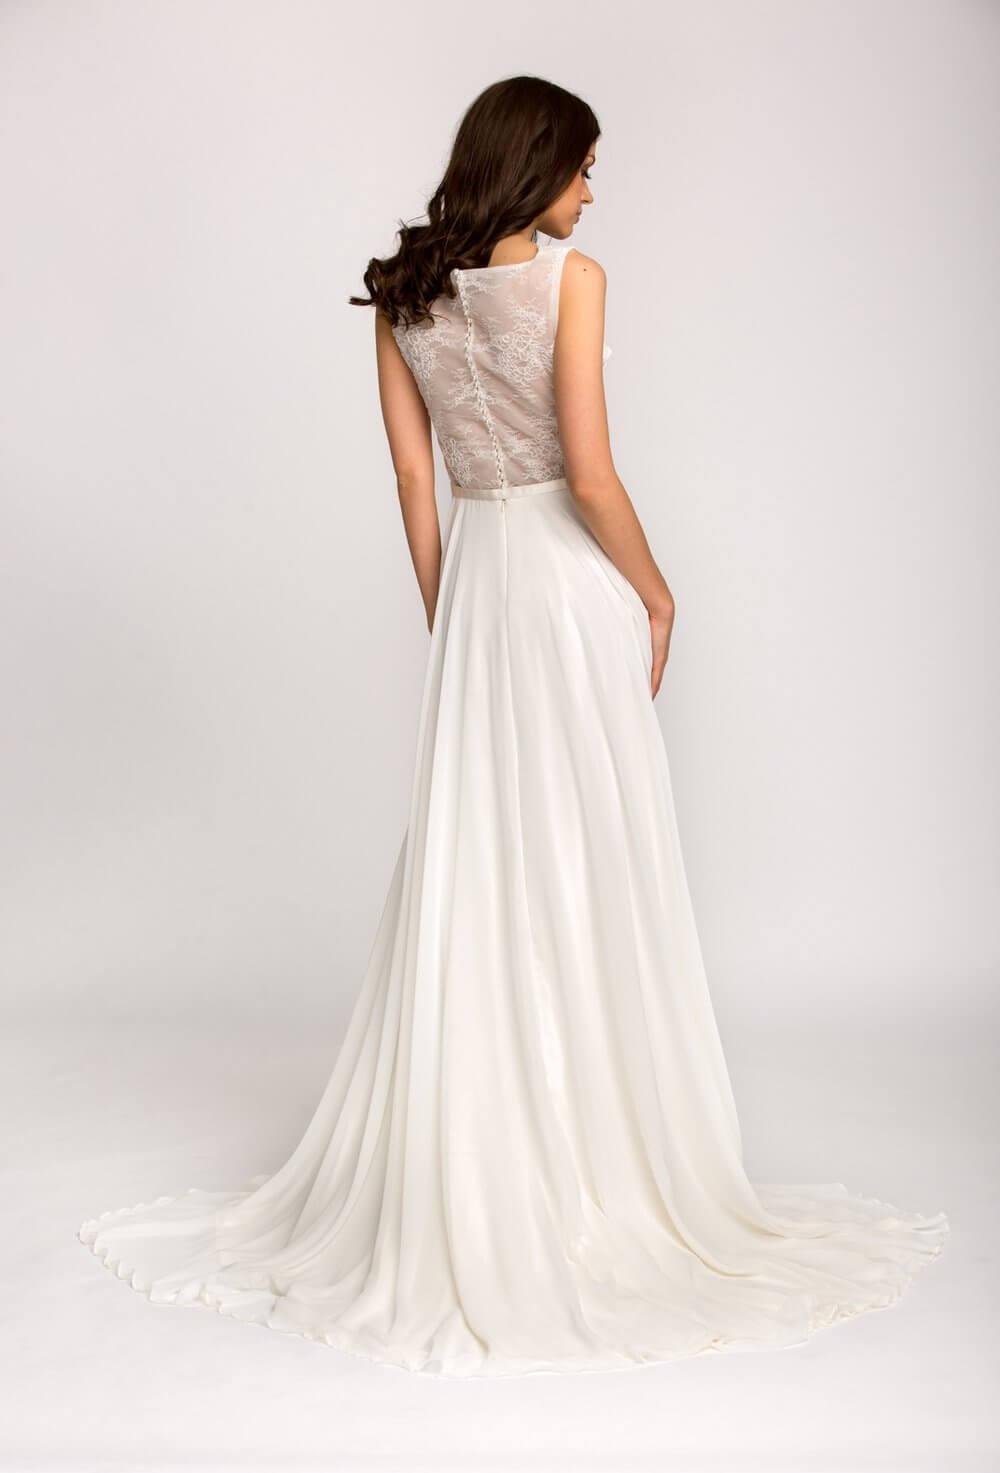 Brautkleid Hochzeitskleid Blossom Bespoke Bridal Vienna 2